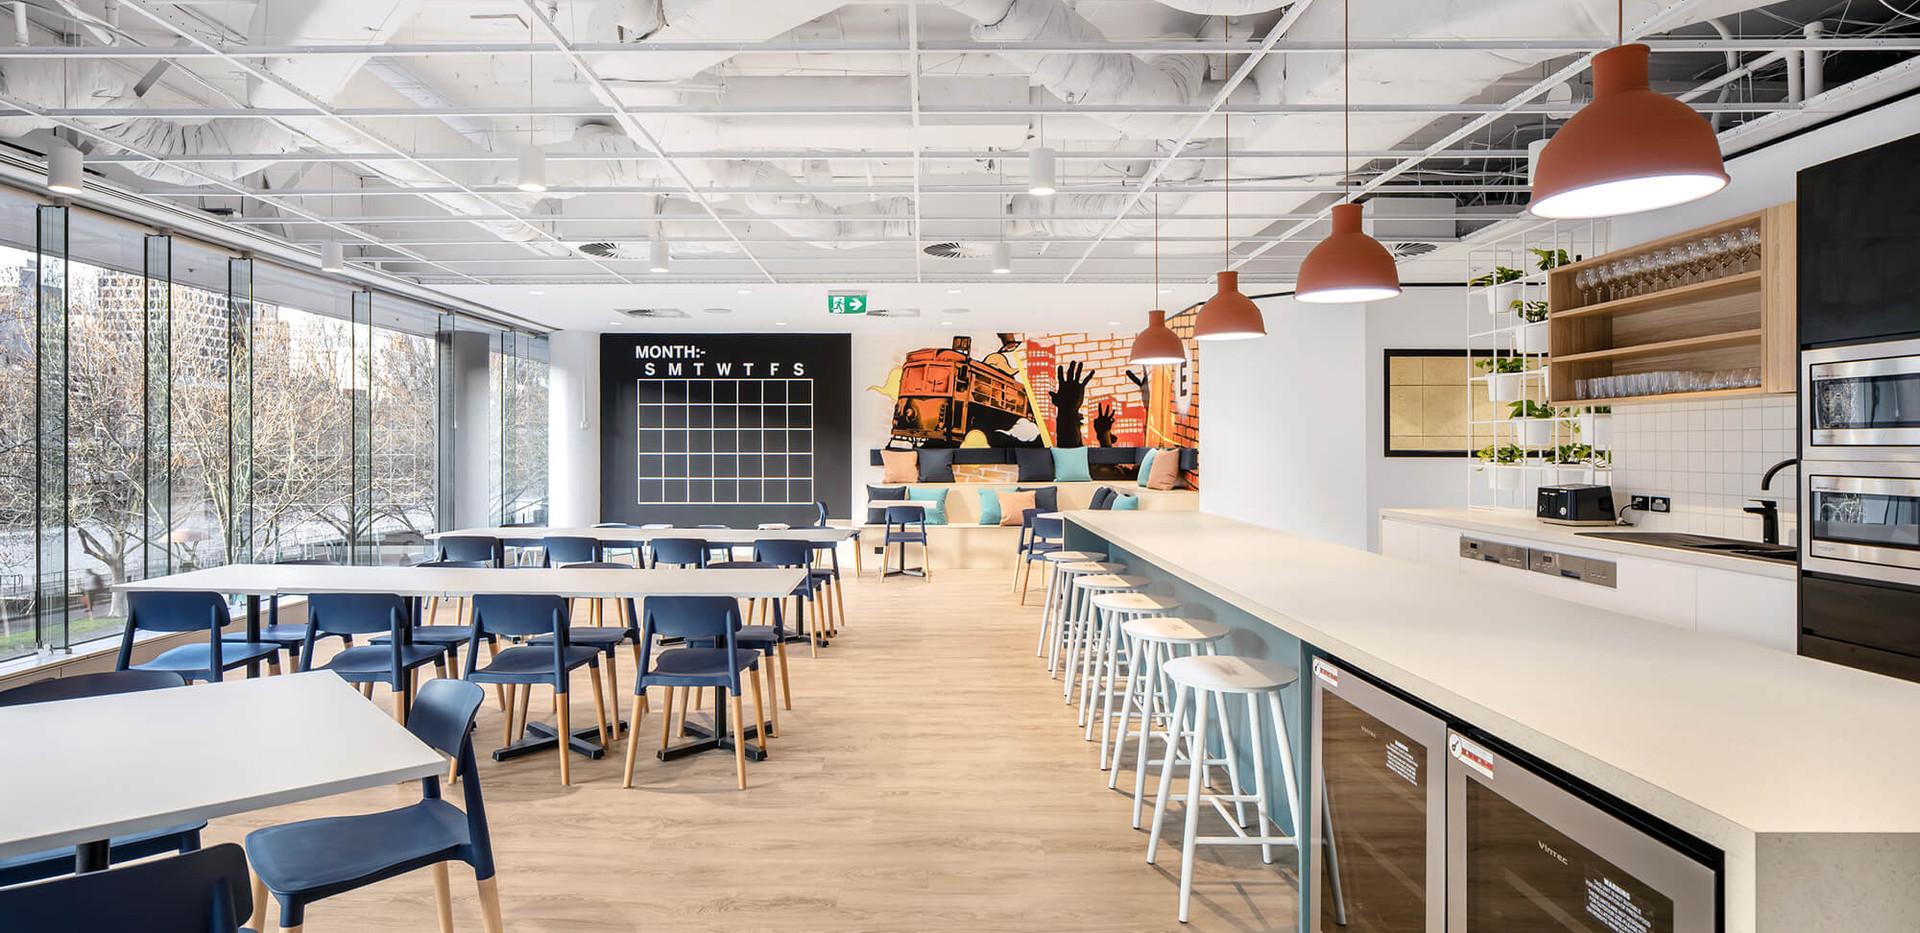 Eventbrite Melbourne - corporate kitchen design